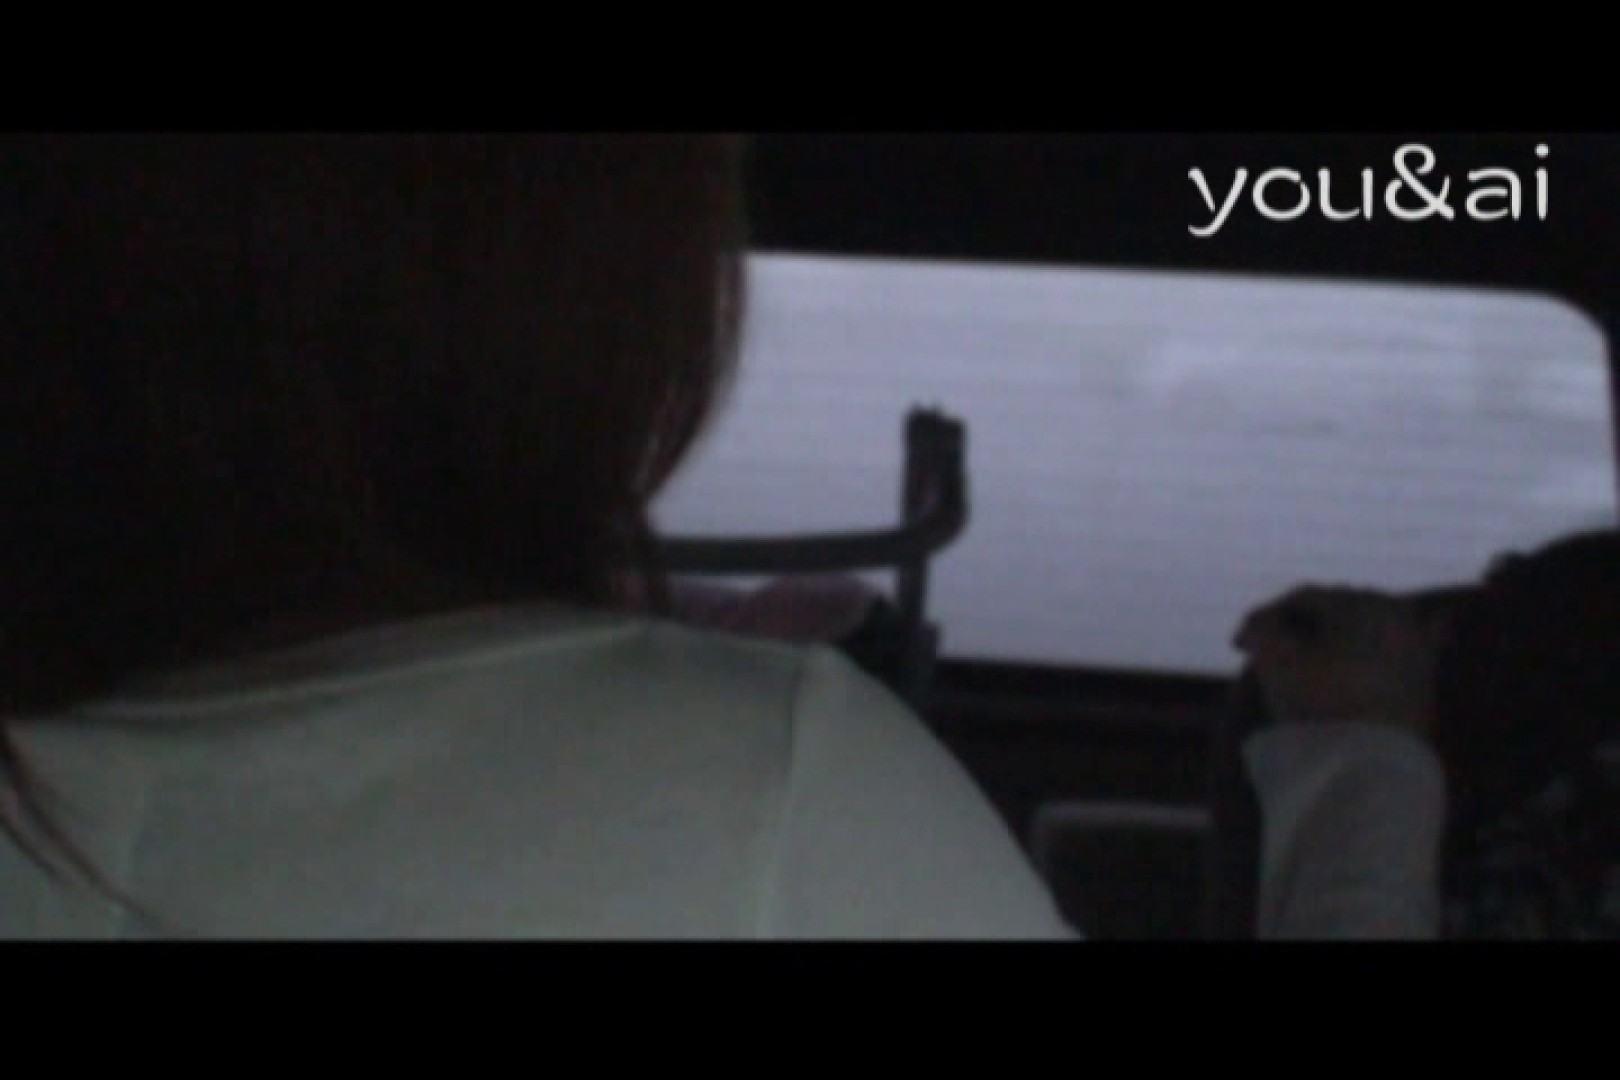 おしどり夫婦のyou&aiさん投稿作品vol.8 OLのエロ生活 ぱこり動画紹介 76連発 11